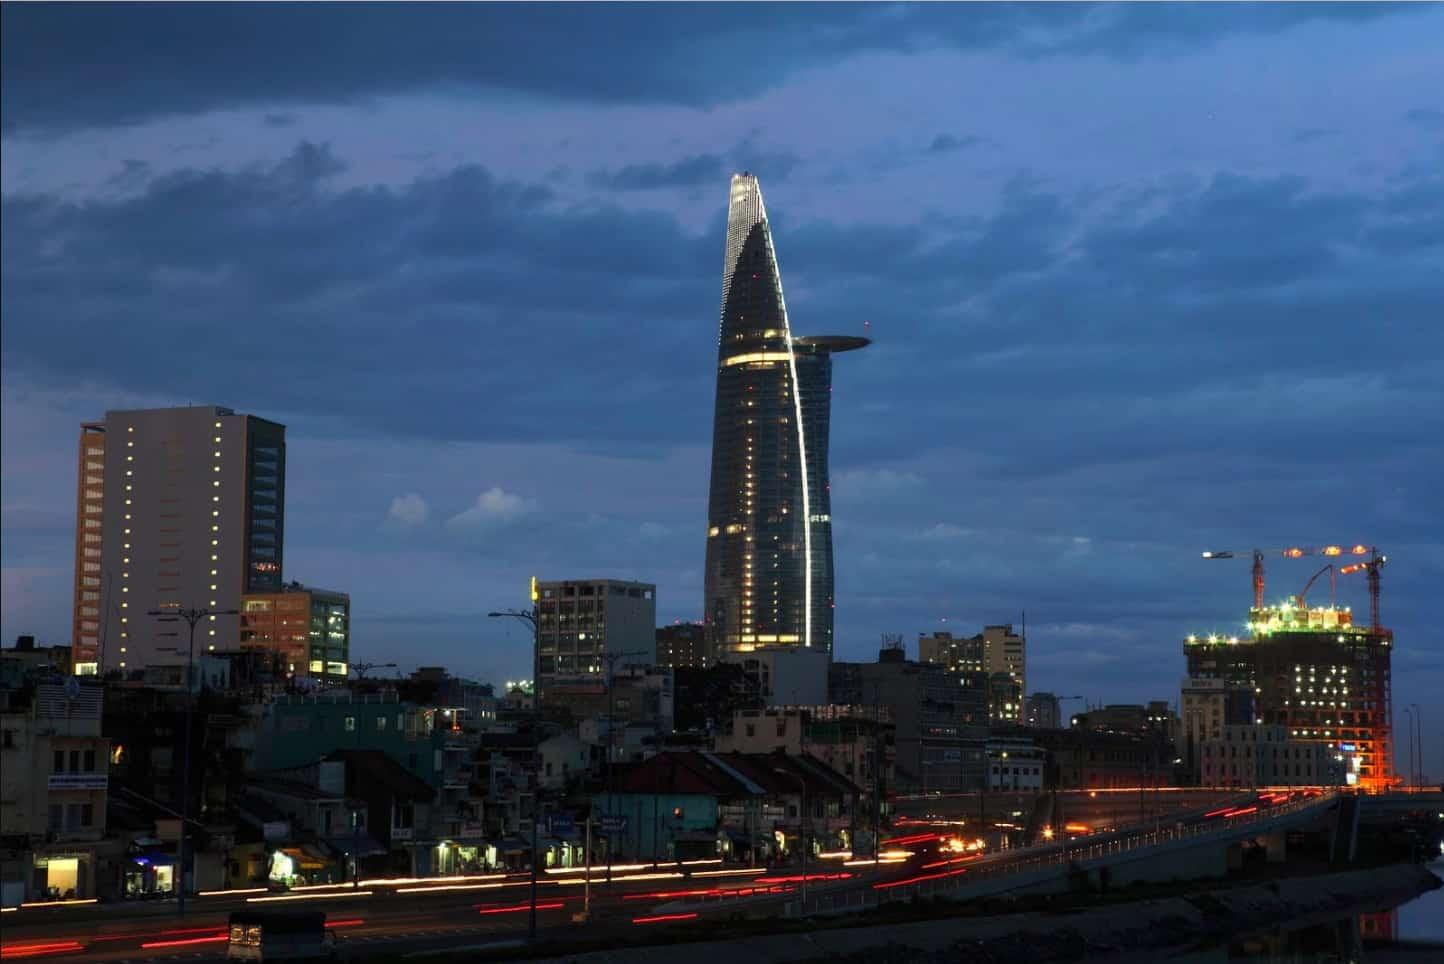 Tòa nhà Bitexco Tower ở Sài Gòn về đêm